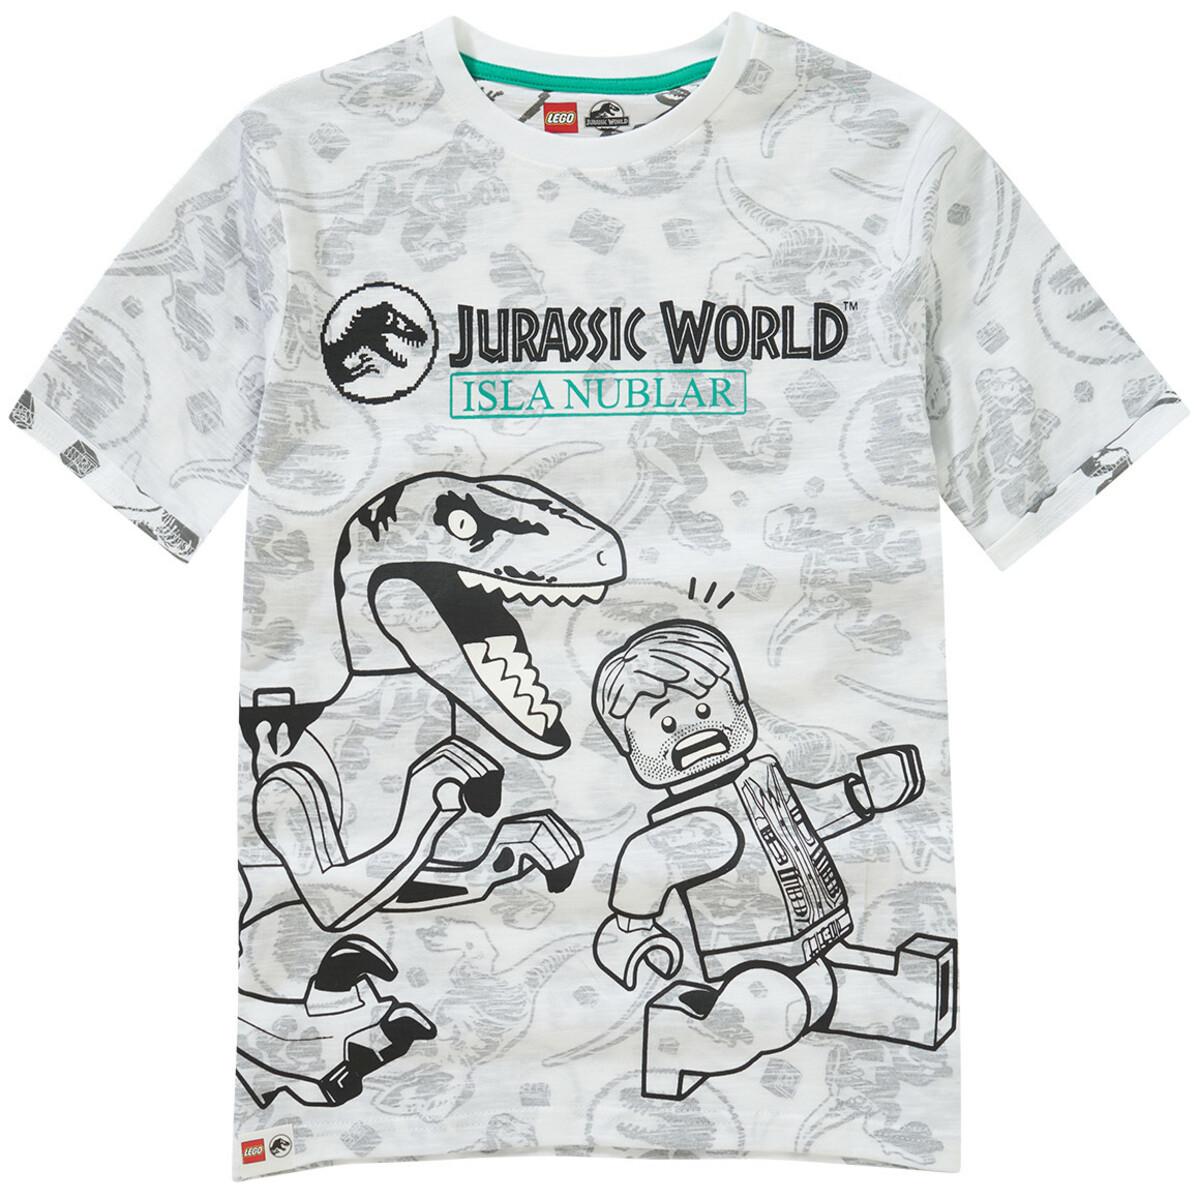 Bild 1 von LEGO Jurassic World T-Shirt